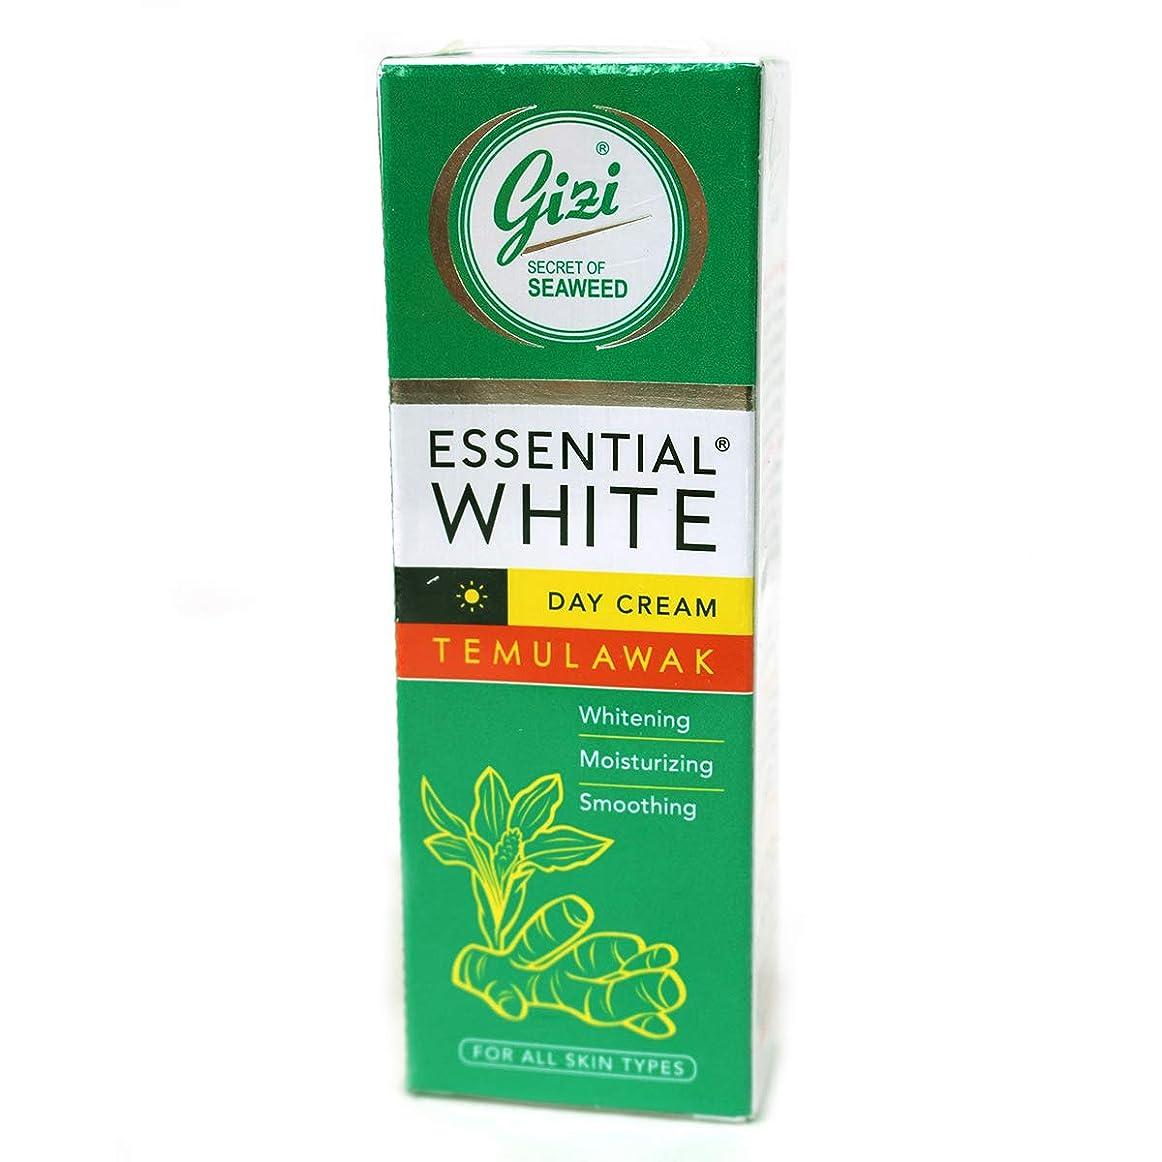 高価なヘッドレス手当ギジ gizi Essential White 日中用スキンケアクリーム チューブタイプ 18g テムラワク ウコン など天然成分配合 [海外直送品]